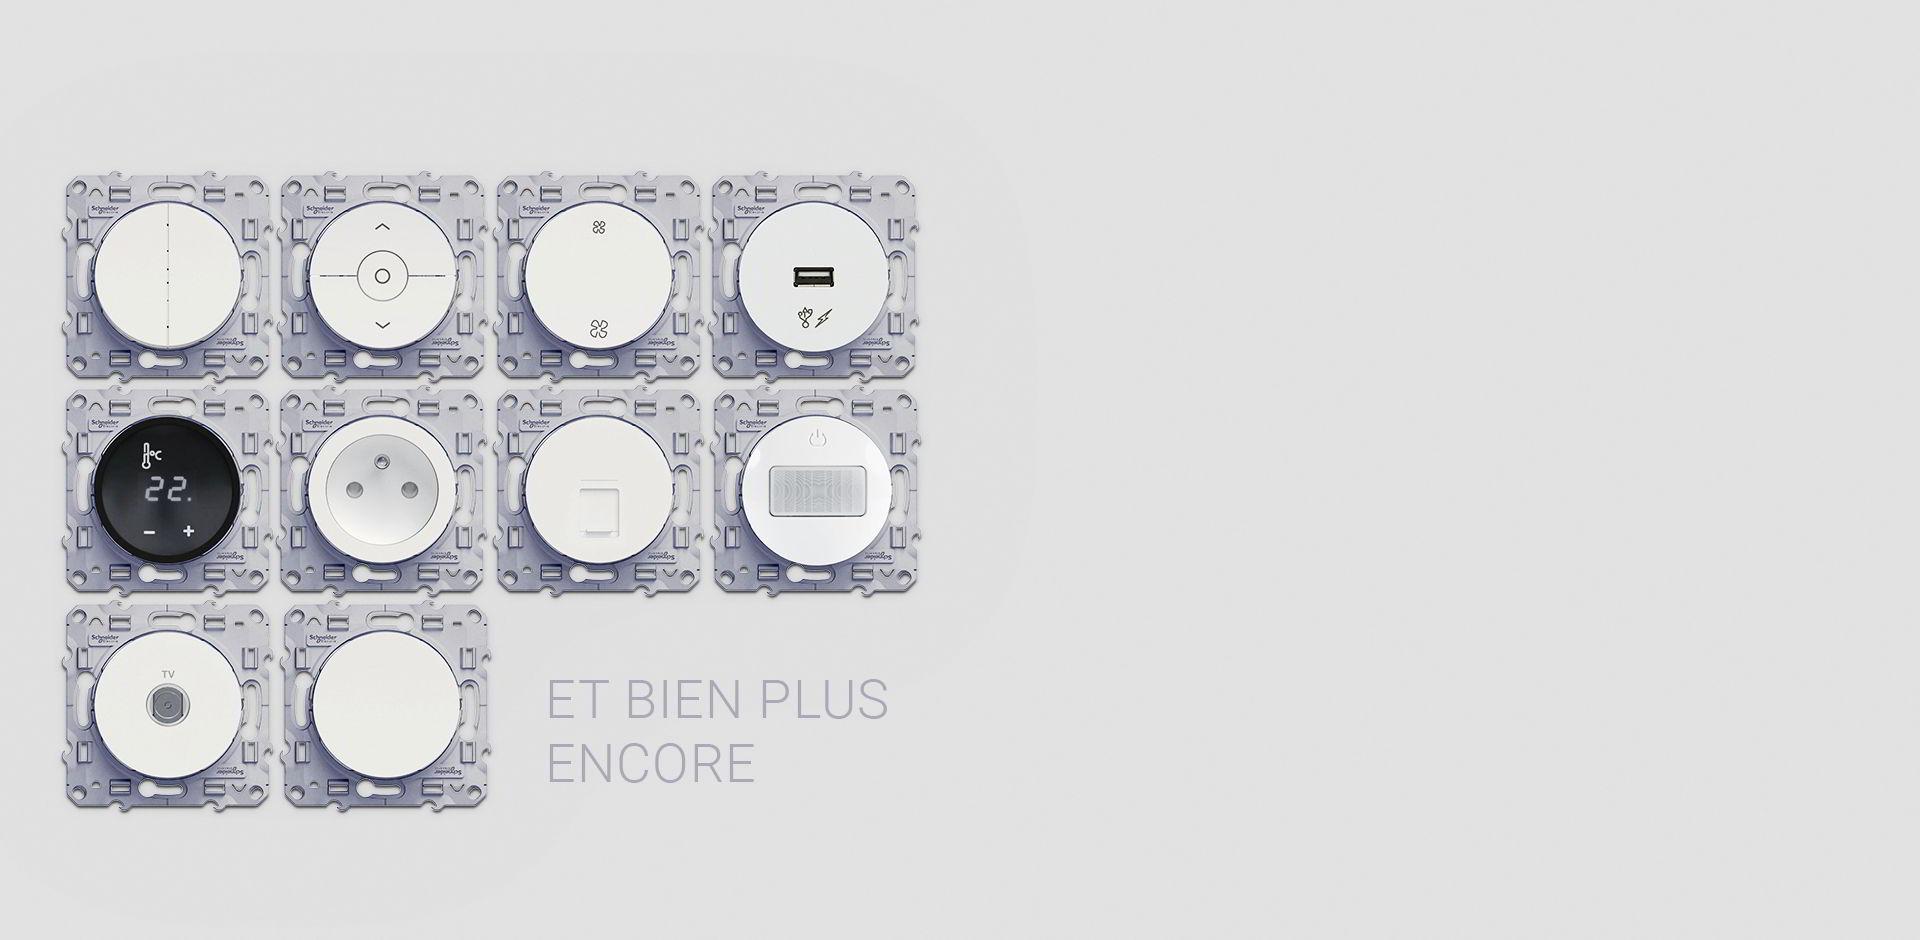 Appareillages pieuvres électriques proposés avec la domotique Essensys